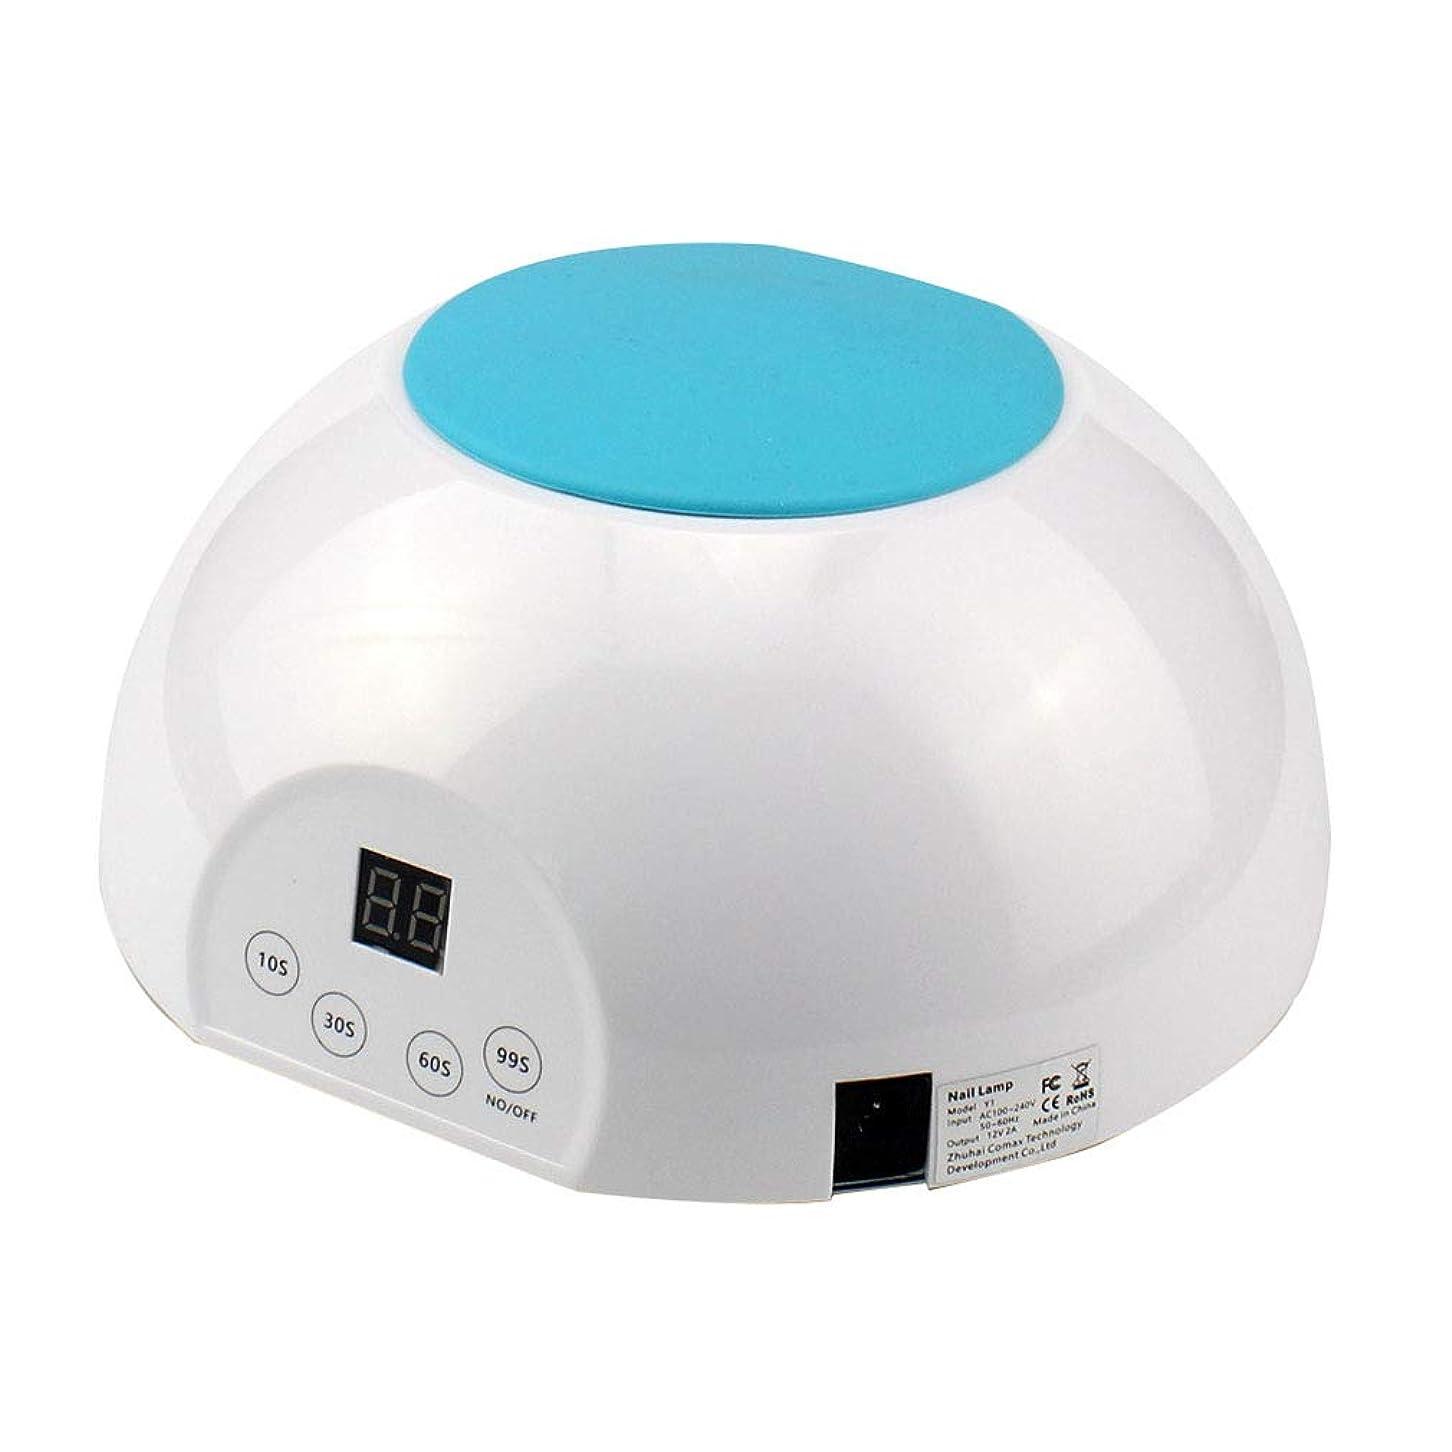 準備ができて時代遅れアレルギー36W UV LEDランプネイルドライヤー、ジェルネイルポリッシュシェラック、取り外し可能な磁性プレート、30秒/ 60秒時間設定、99秒低熱